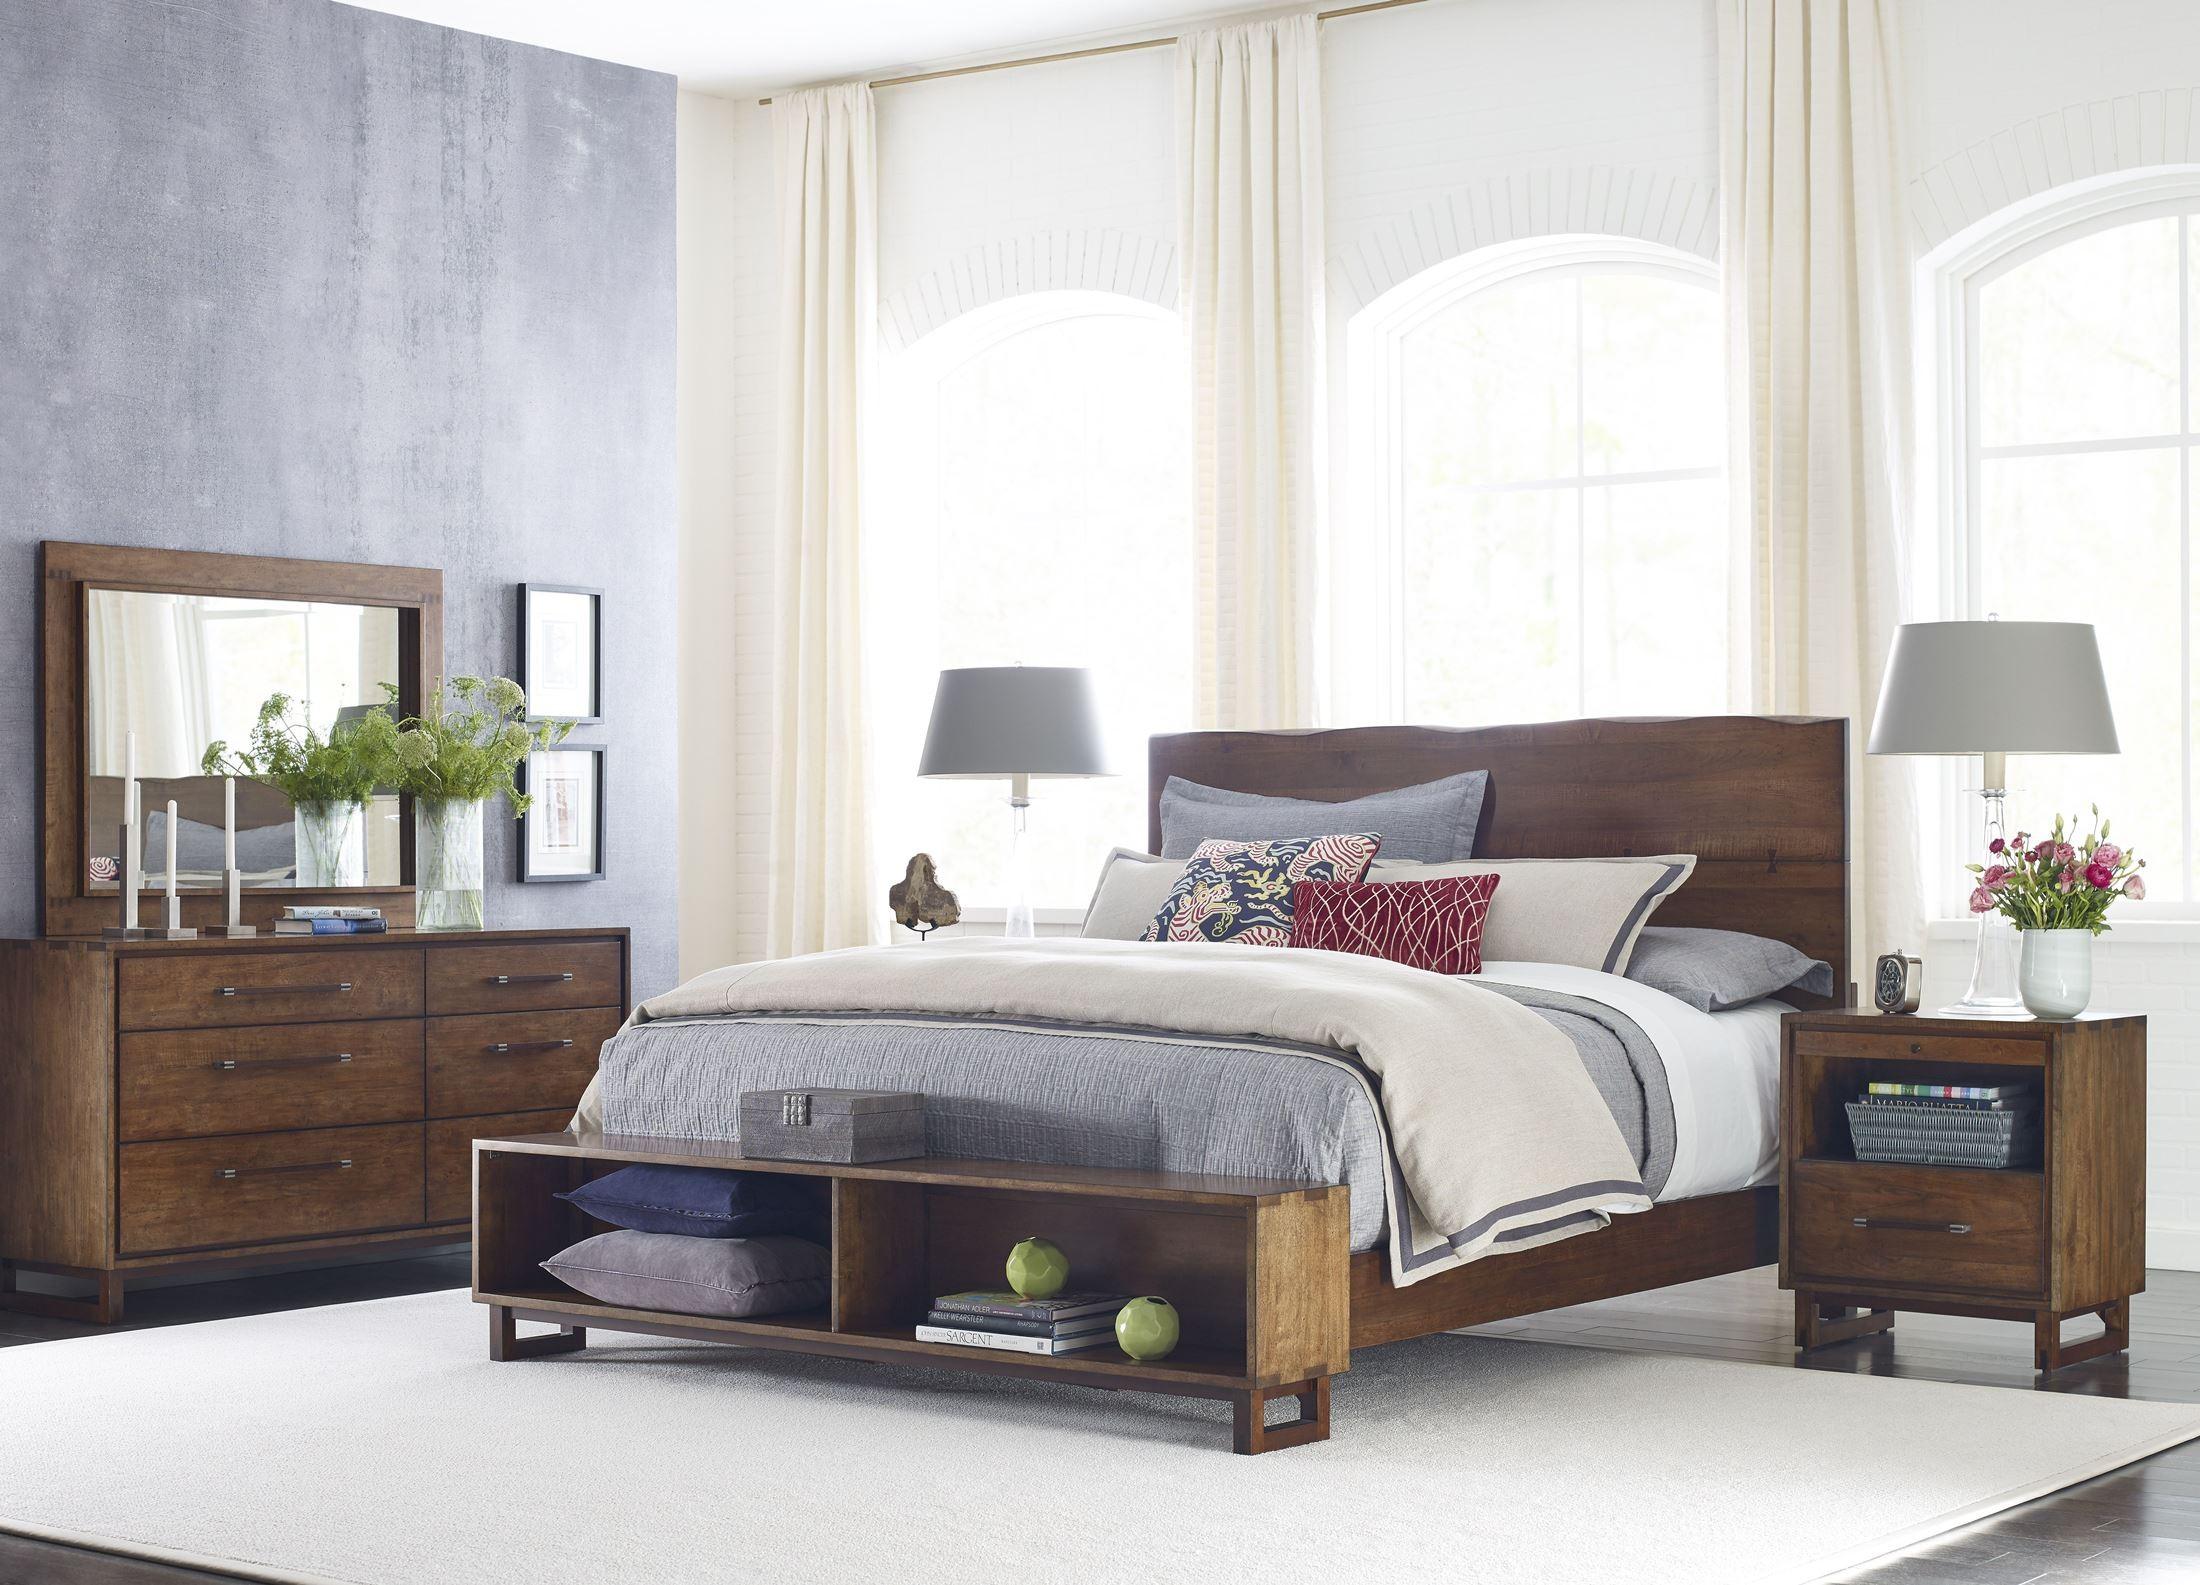 Traverse brown live edge platform storage bedroom set 660 - Platform bedroom sets with storage ...